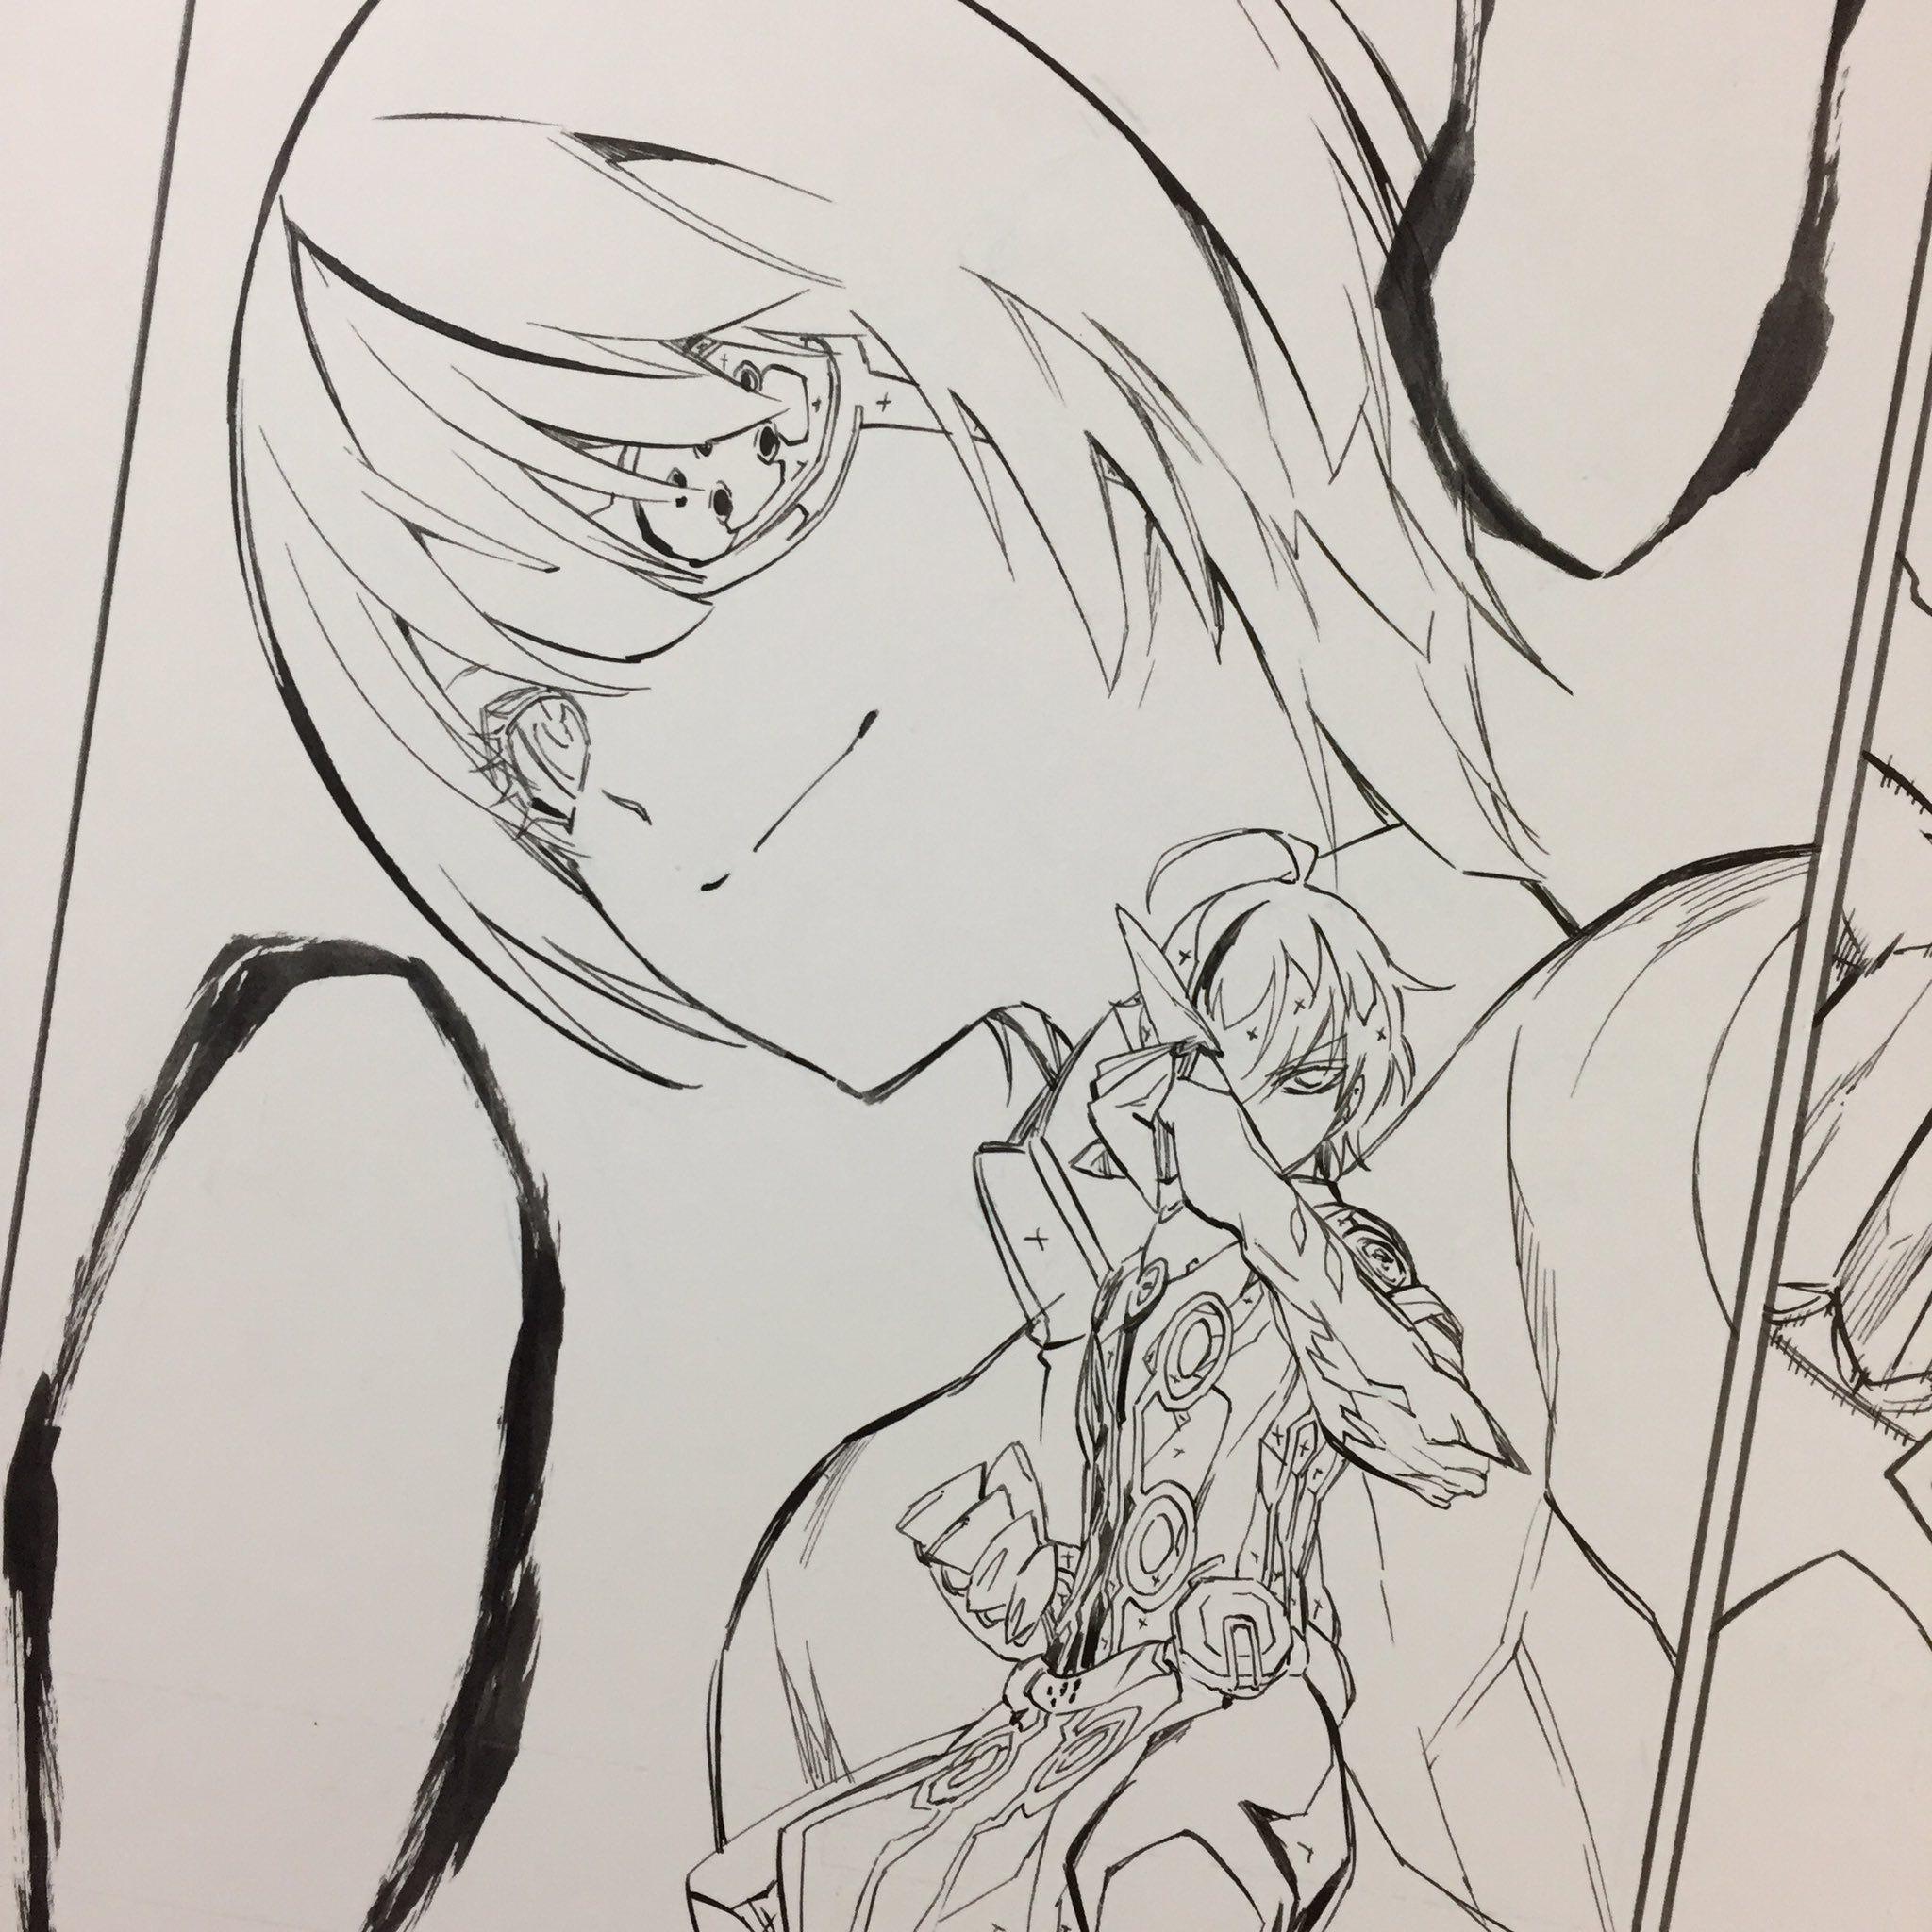 Sousei no Onmyouji Manga Chapter 46 Rokuro & Yuto in